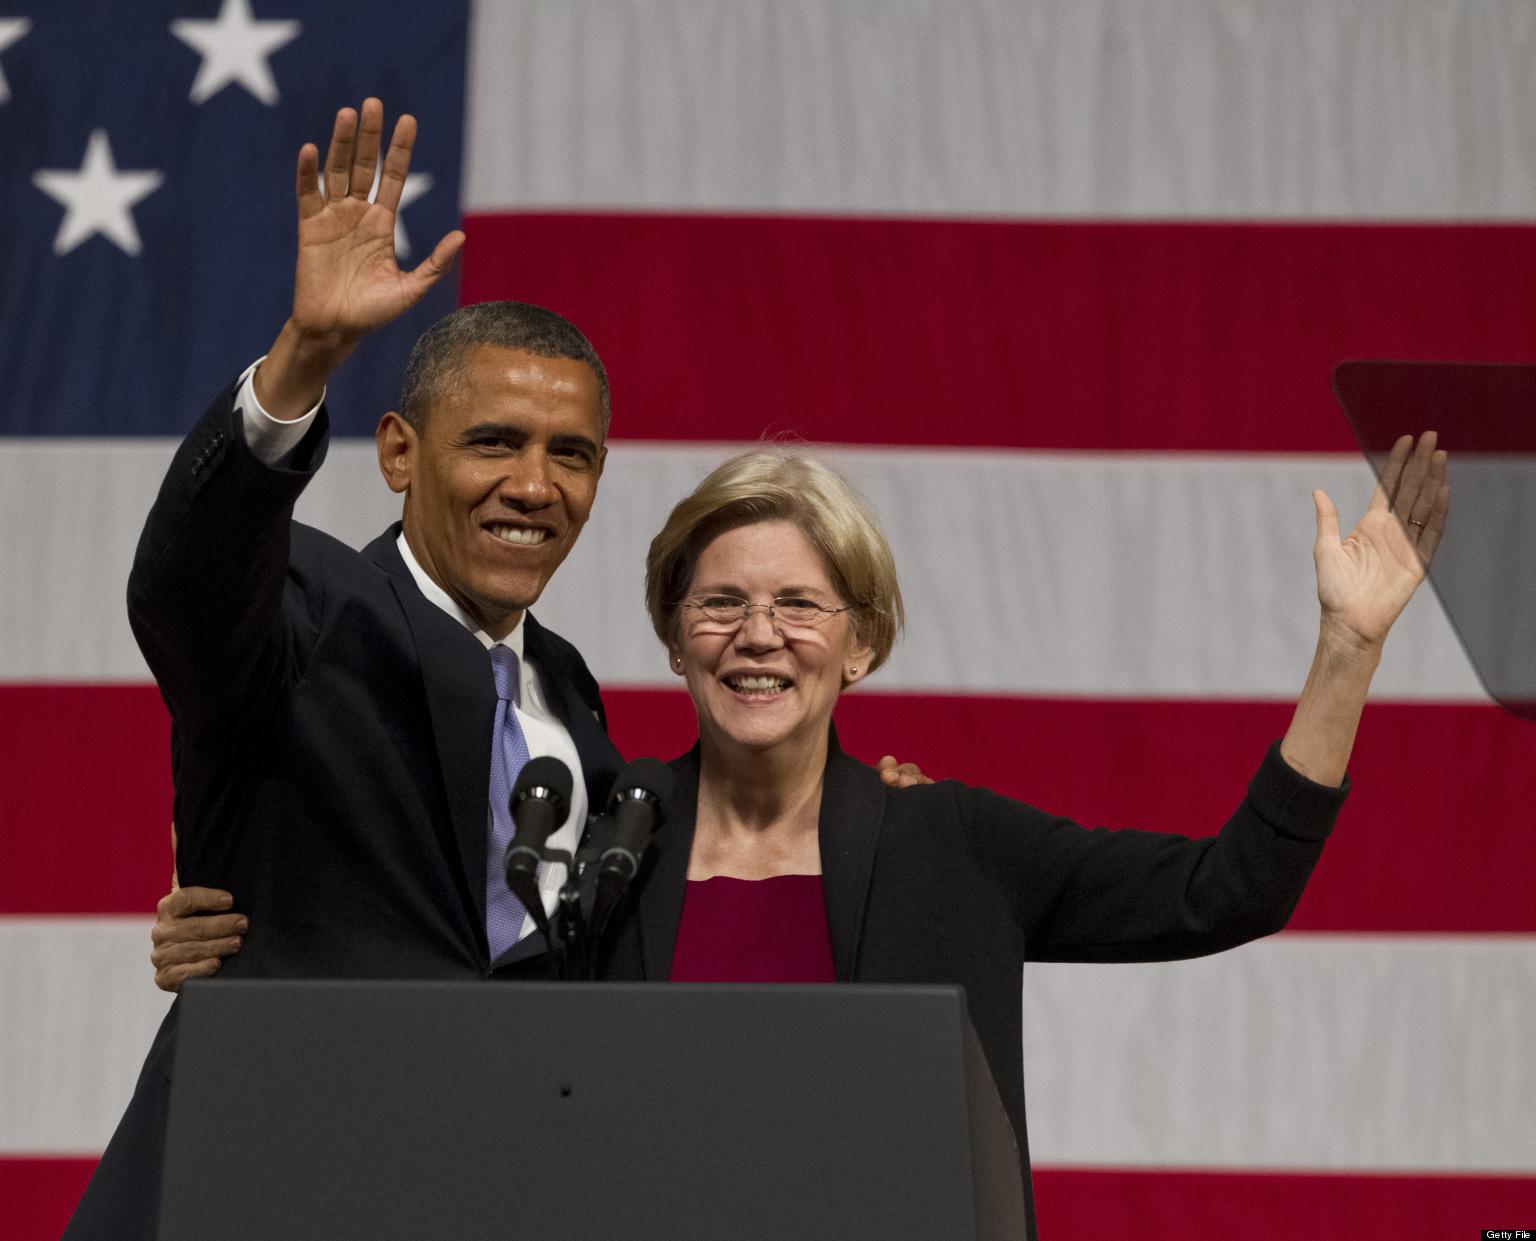 Obama Hosting Female Senators For Dinner